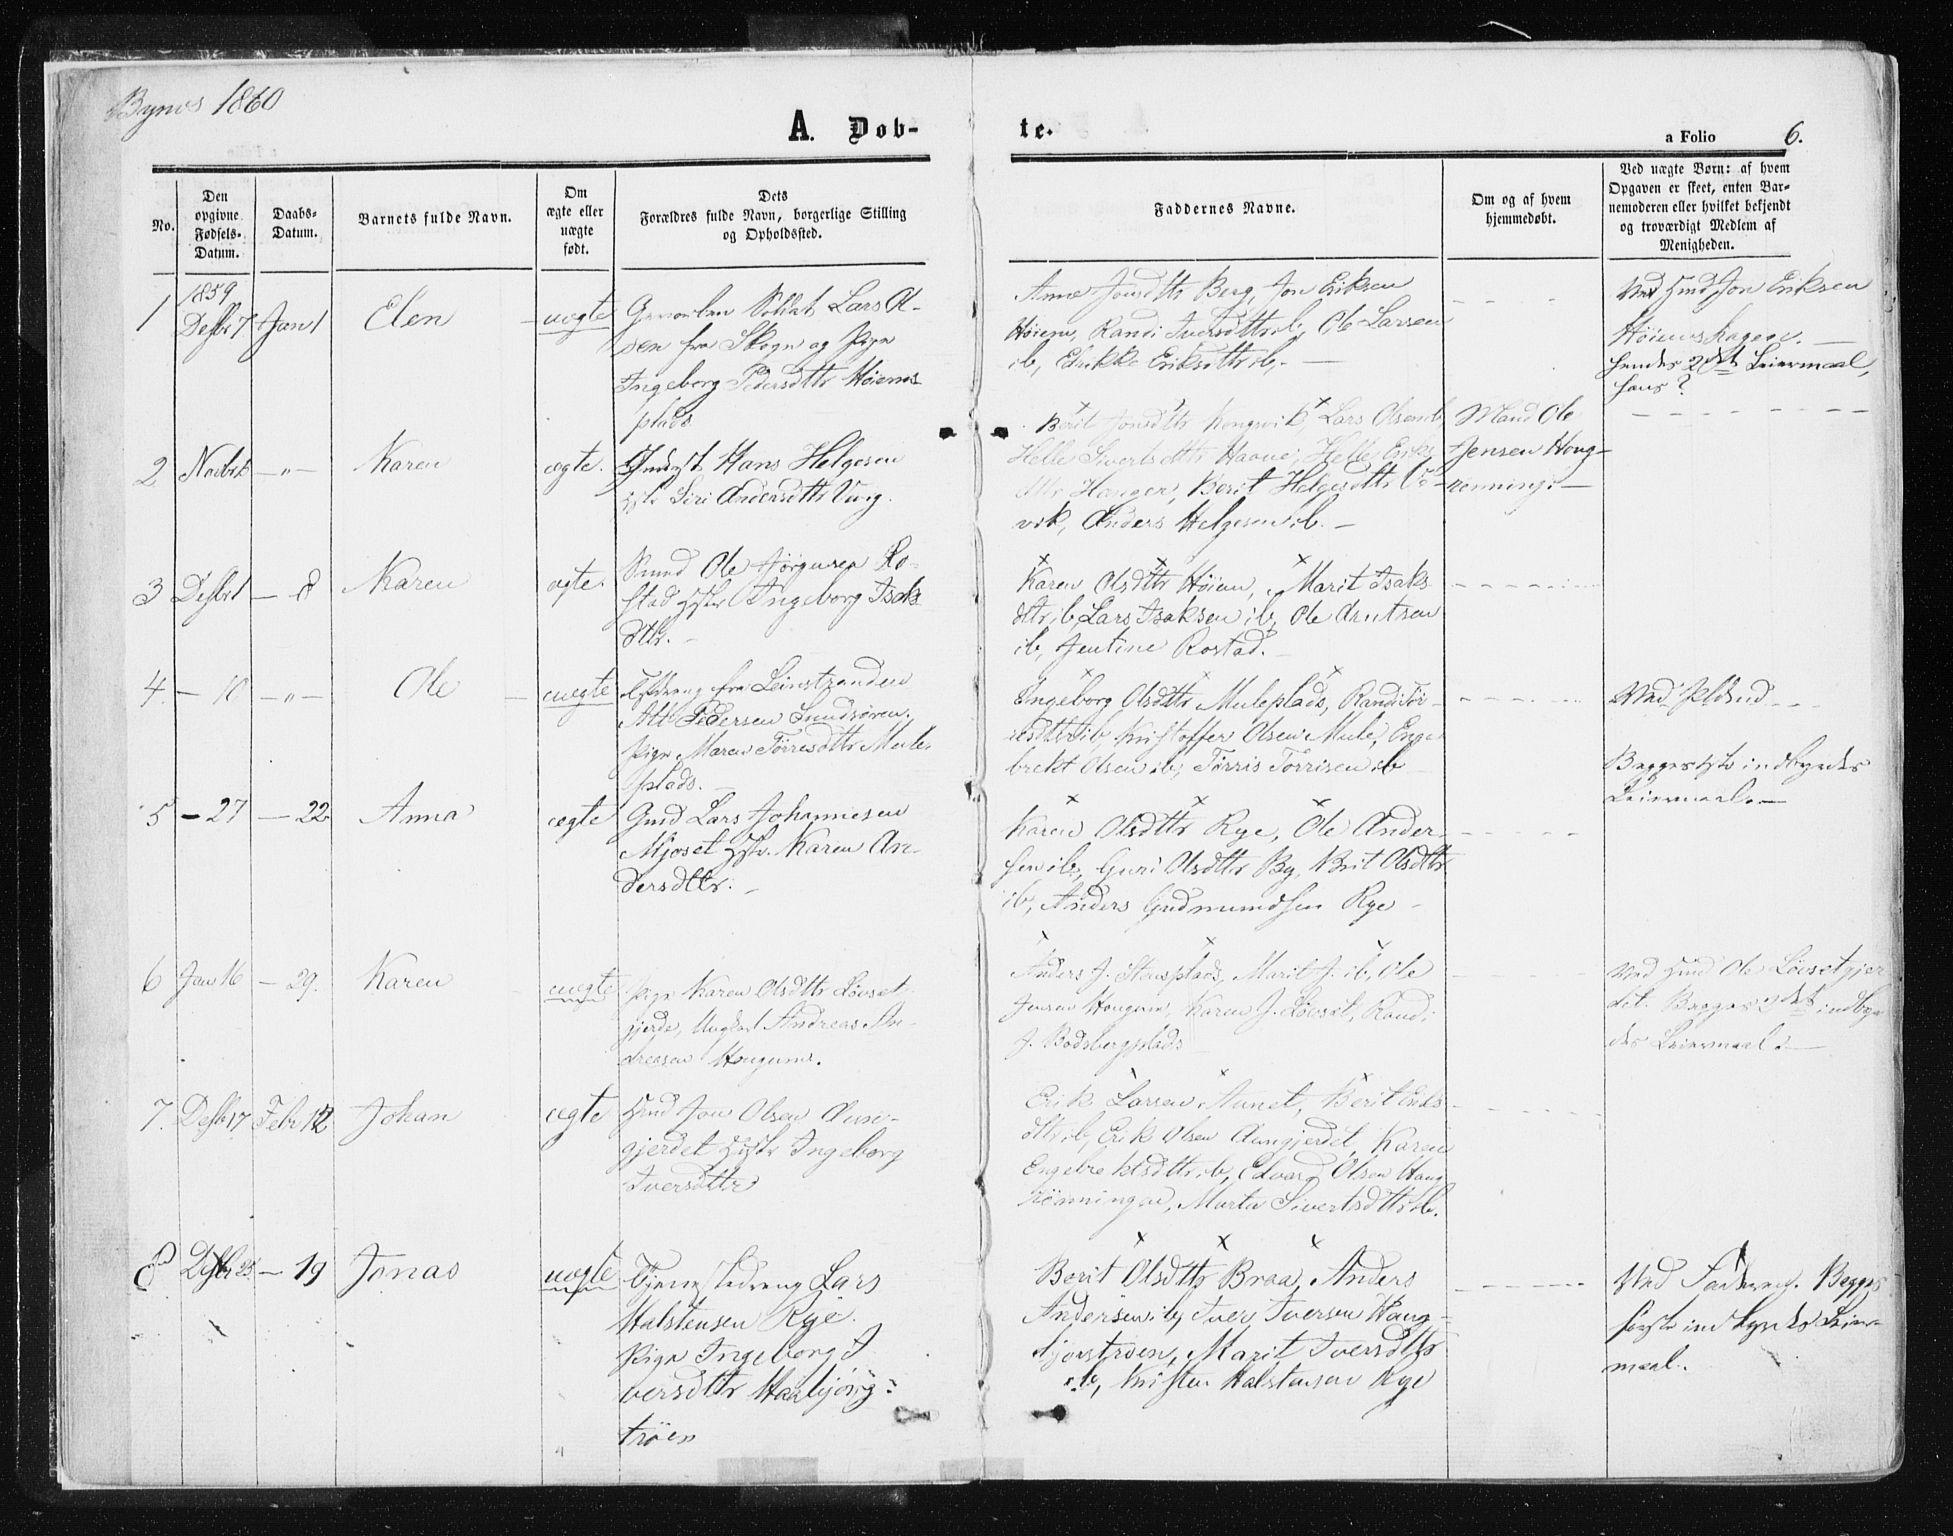 SAT, Ministerialprotokoller, klokkerbøker og fødselsregistre - Sør-Trøndelag, 612/L0377: Ministerialbok nr. 612A09, 1859-1877, s. 6